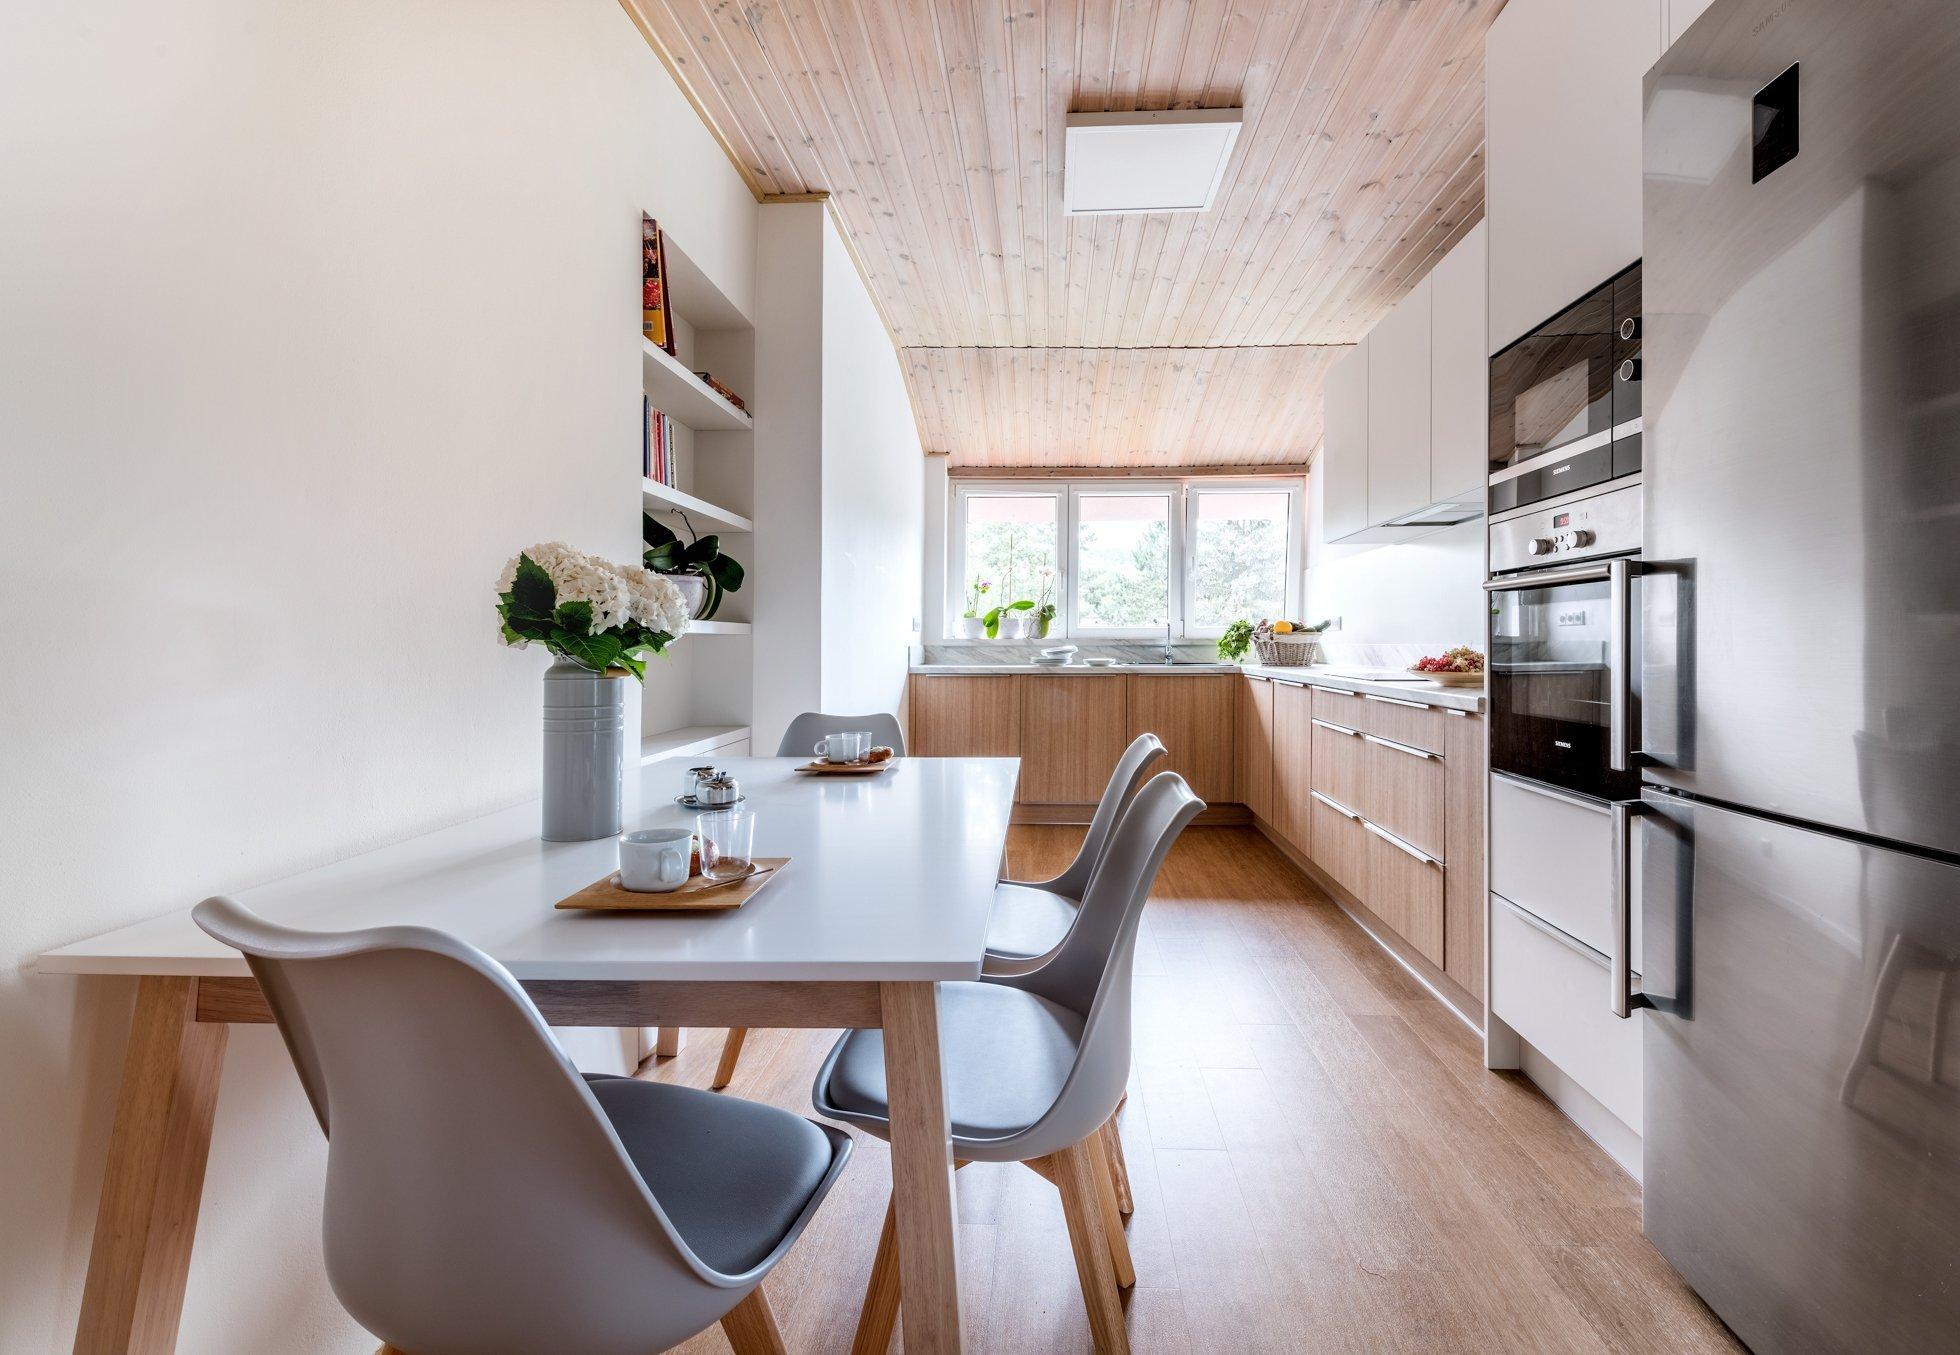 Moderní kuchyně s nádechem skandinávie.Skandinávský styl bydlení se v posledních letech těší velké oblibě.Tento interiérový styl se vyznačuje…